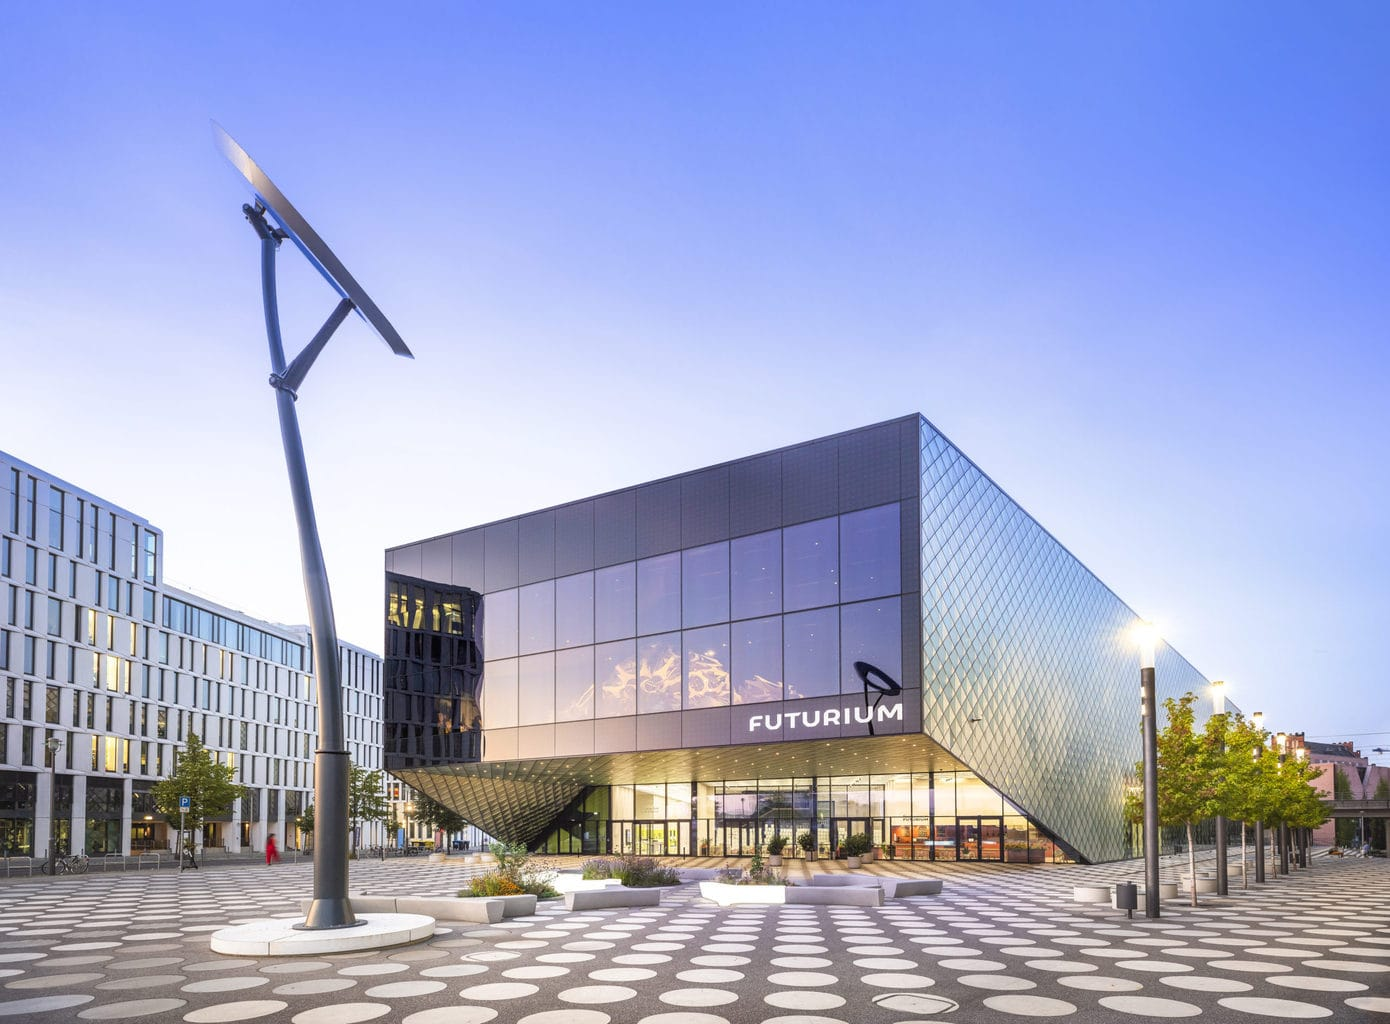 Het Futurium in Berlijn van buiten